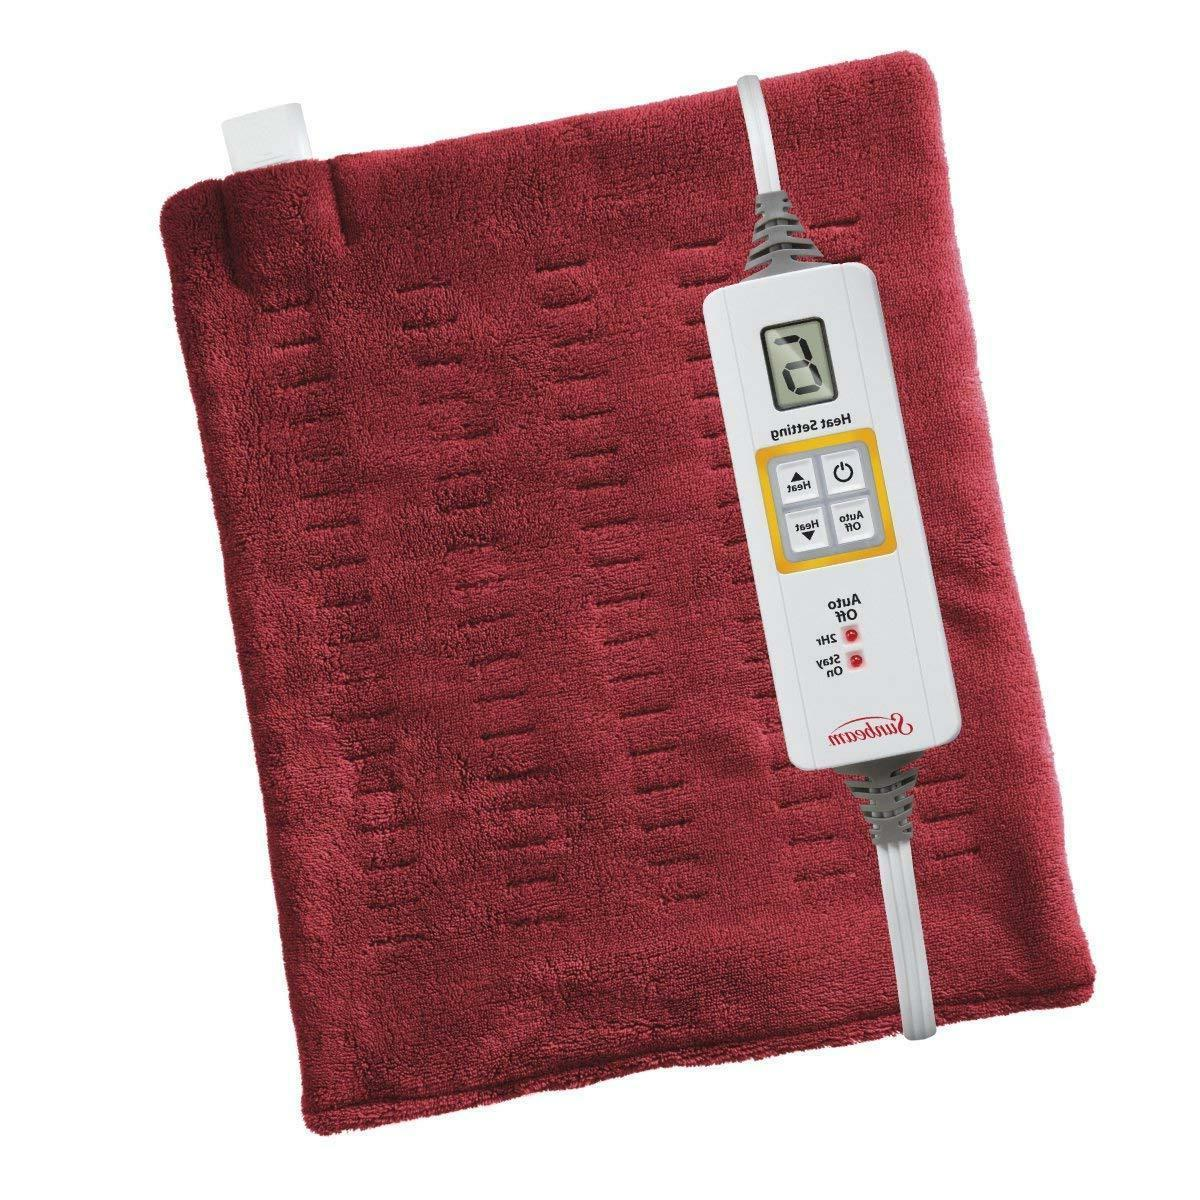 2014 915 xpressheat heating pad 12x15